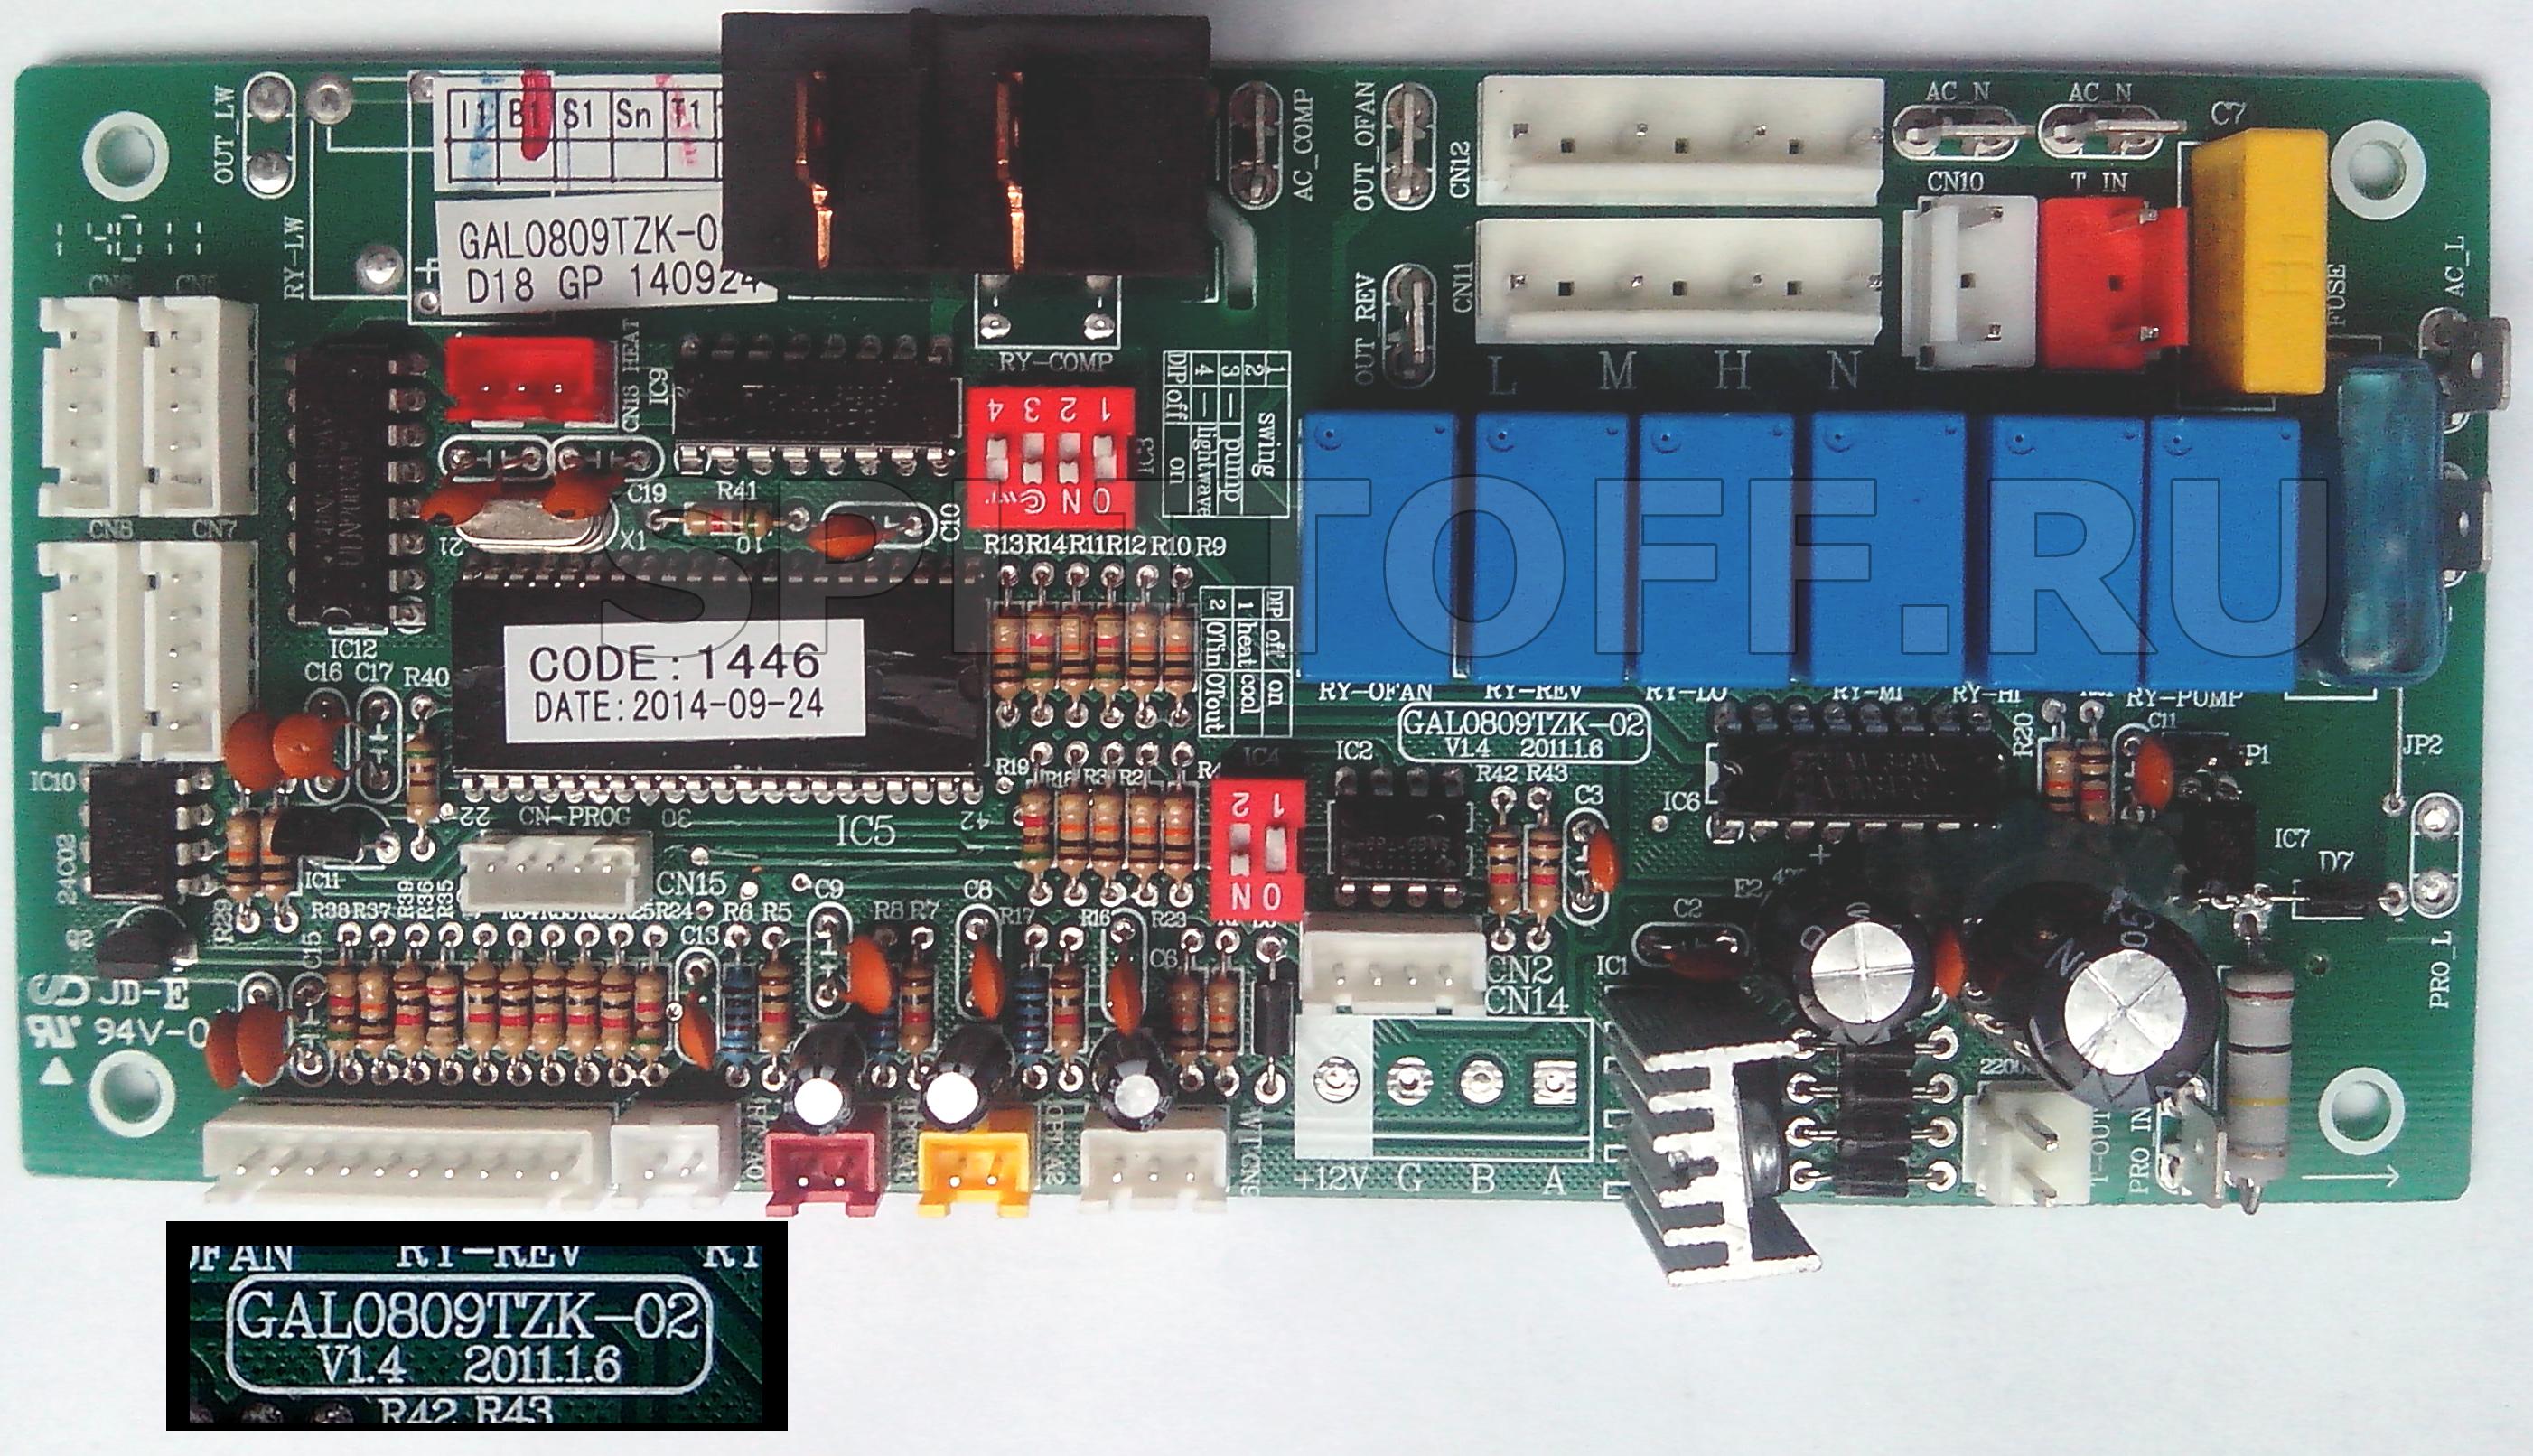 GAL0809TZK-02